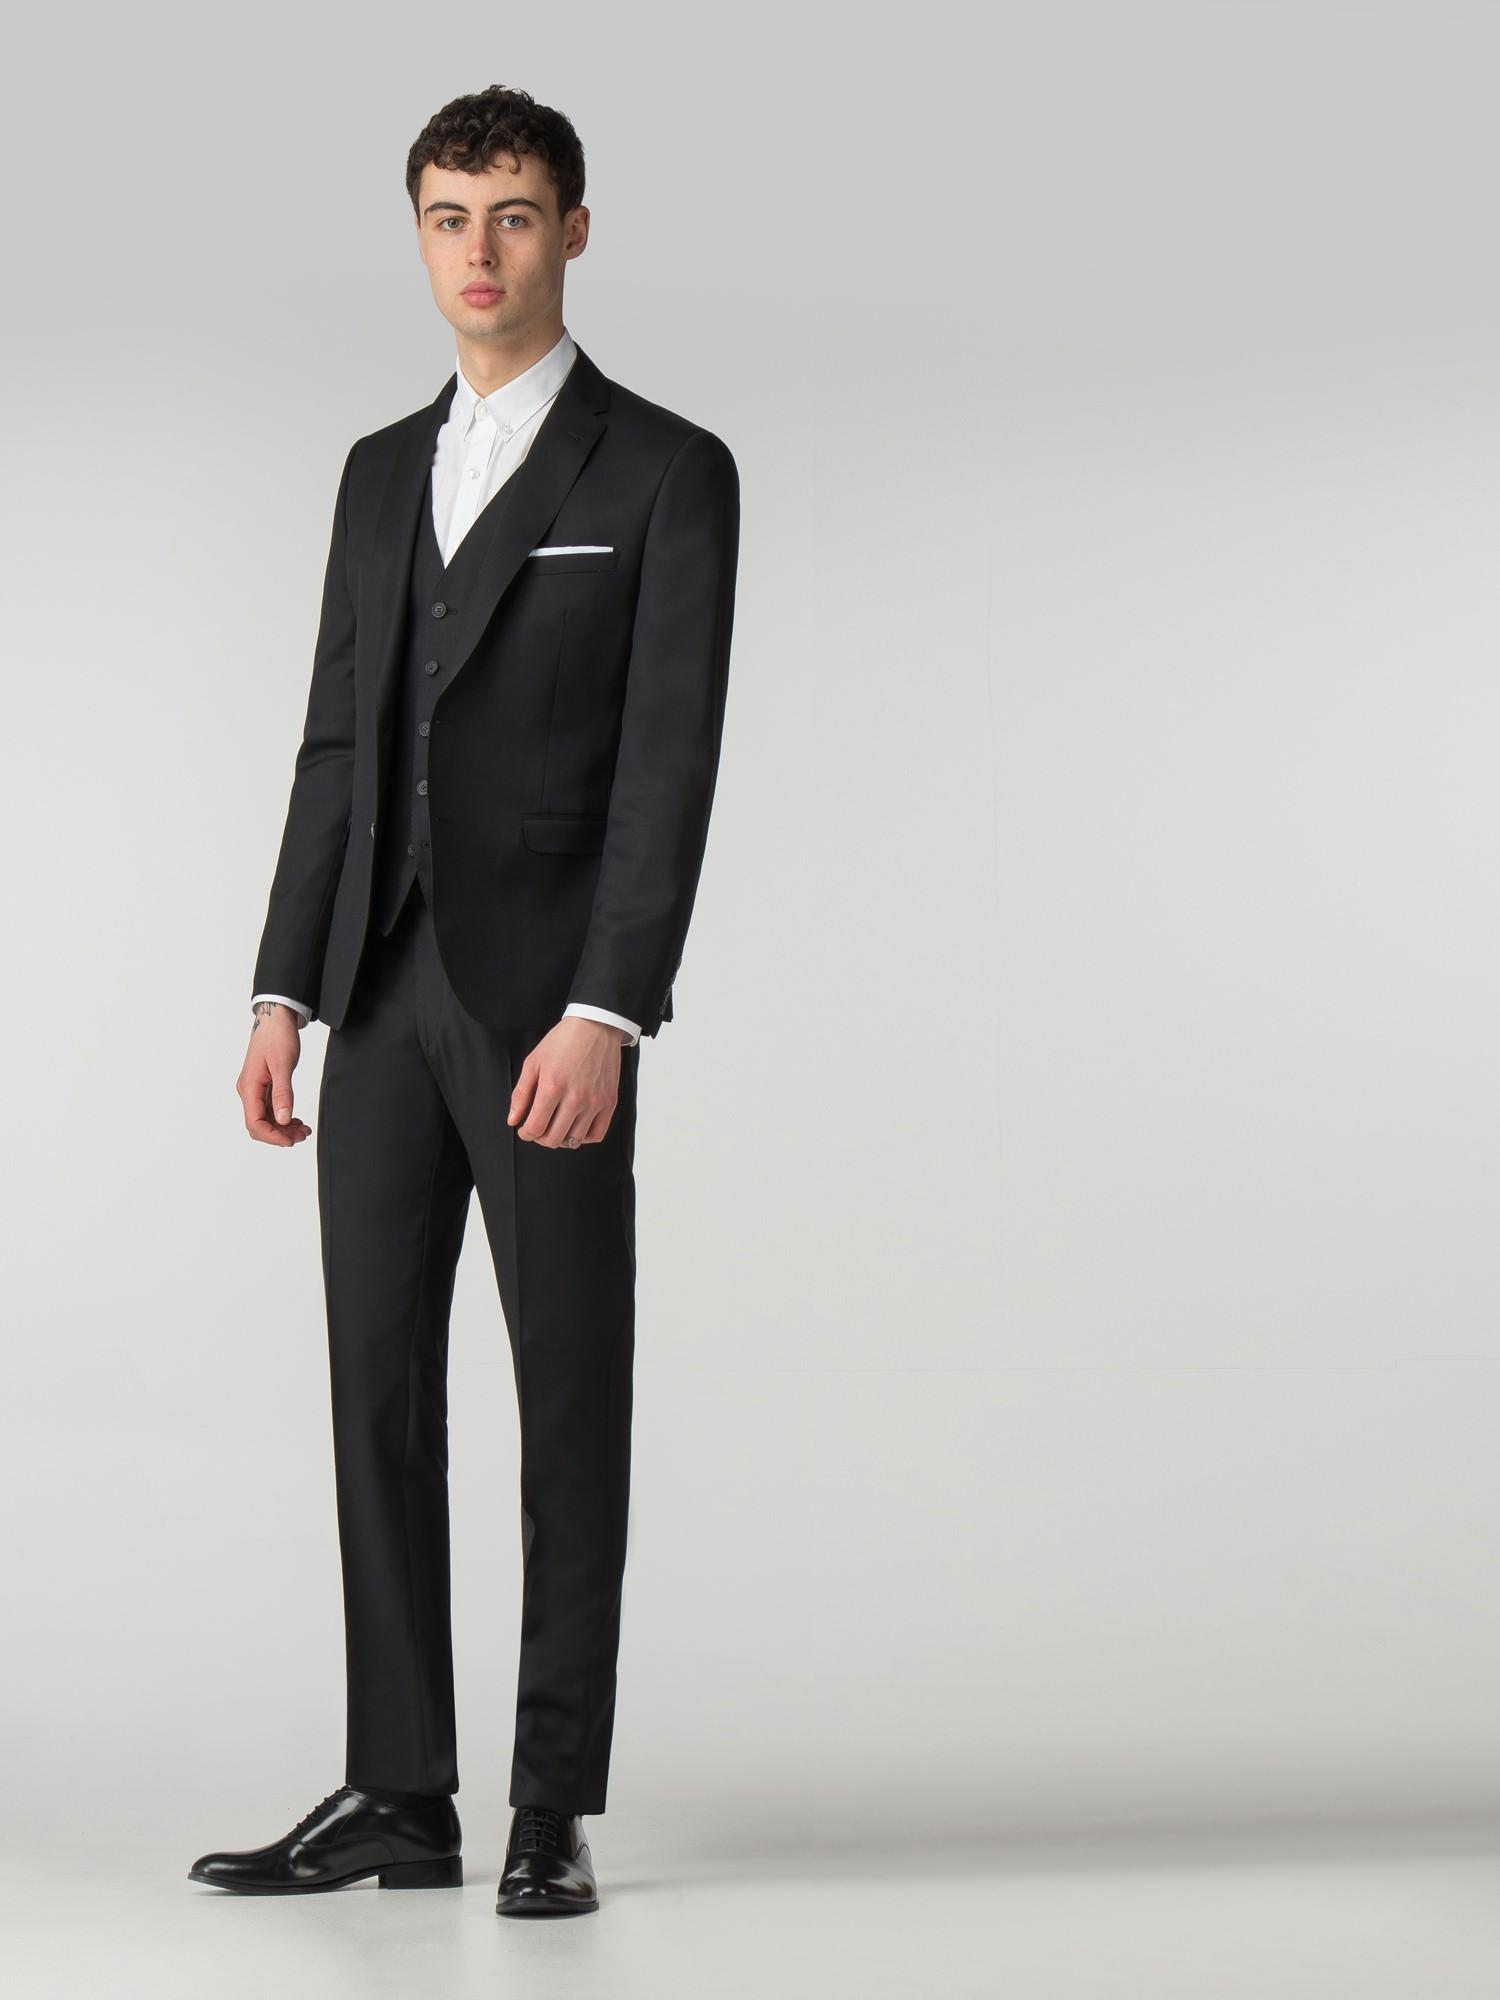 61be5184e246a2 Men's Jet Black Twill 3 Piece Suit | Ben Sherman | Est 1963